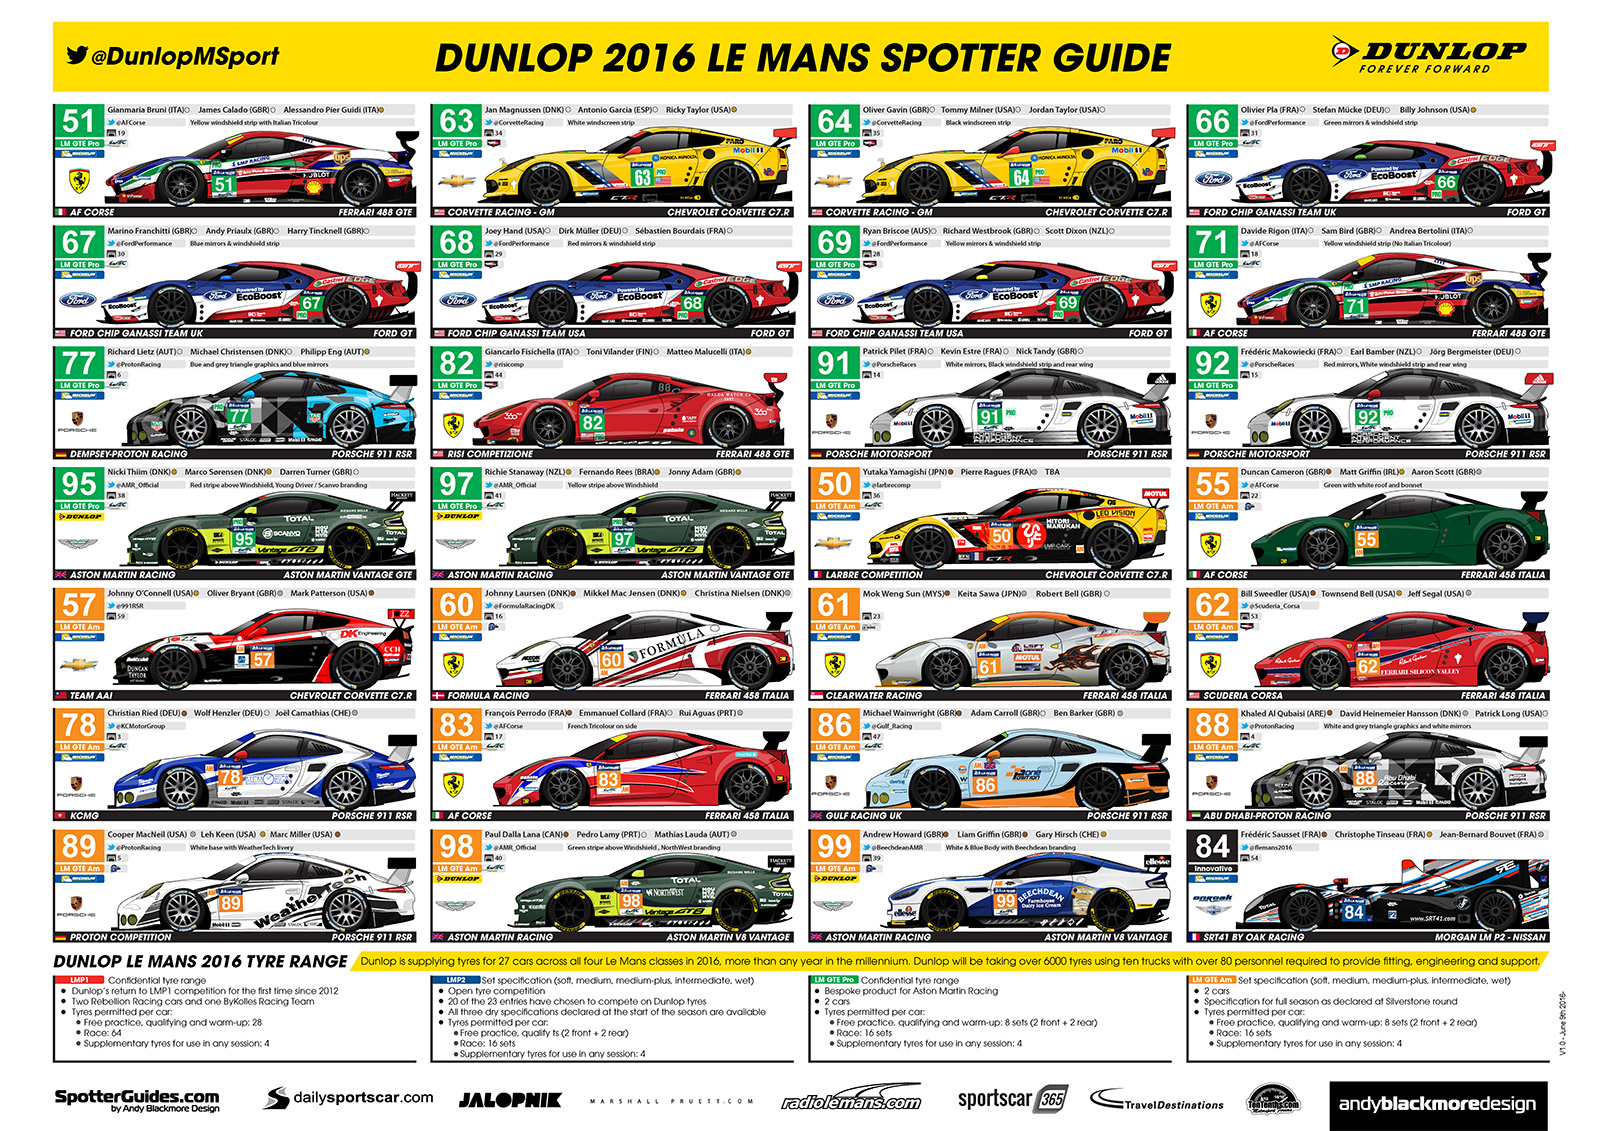 Le Mans Spotter Guide 2016